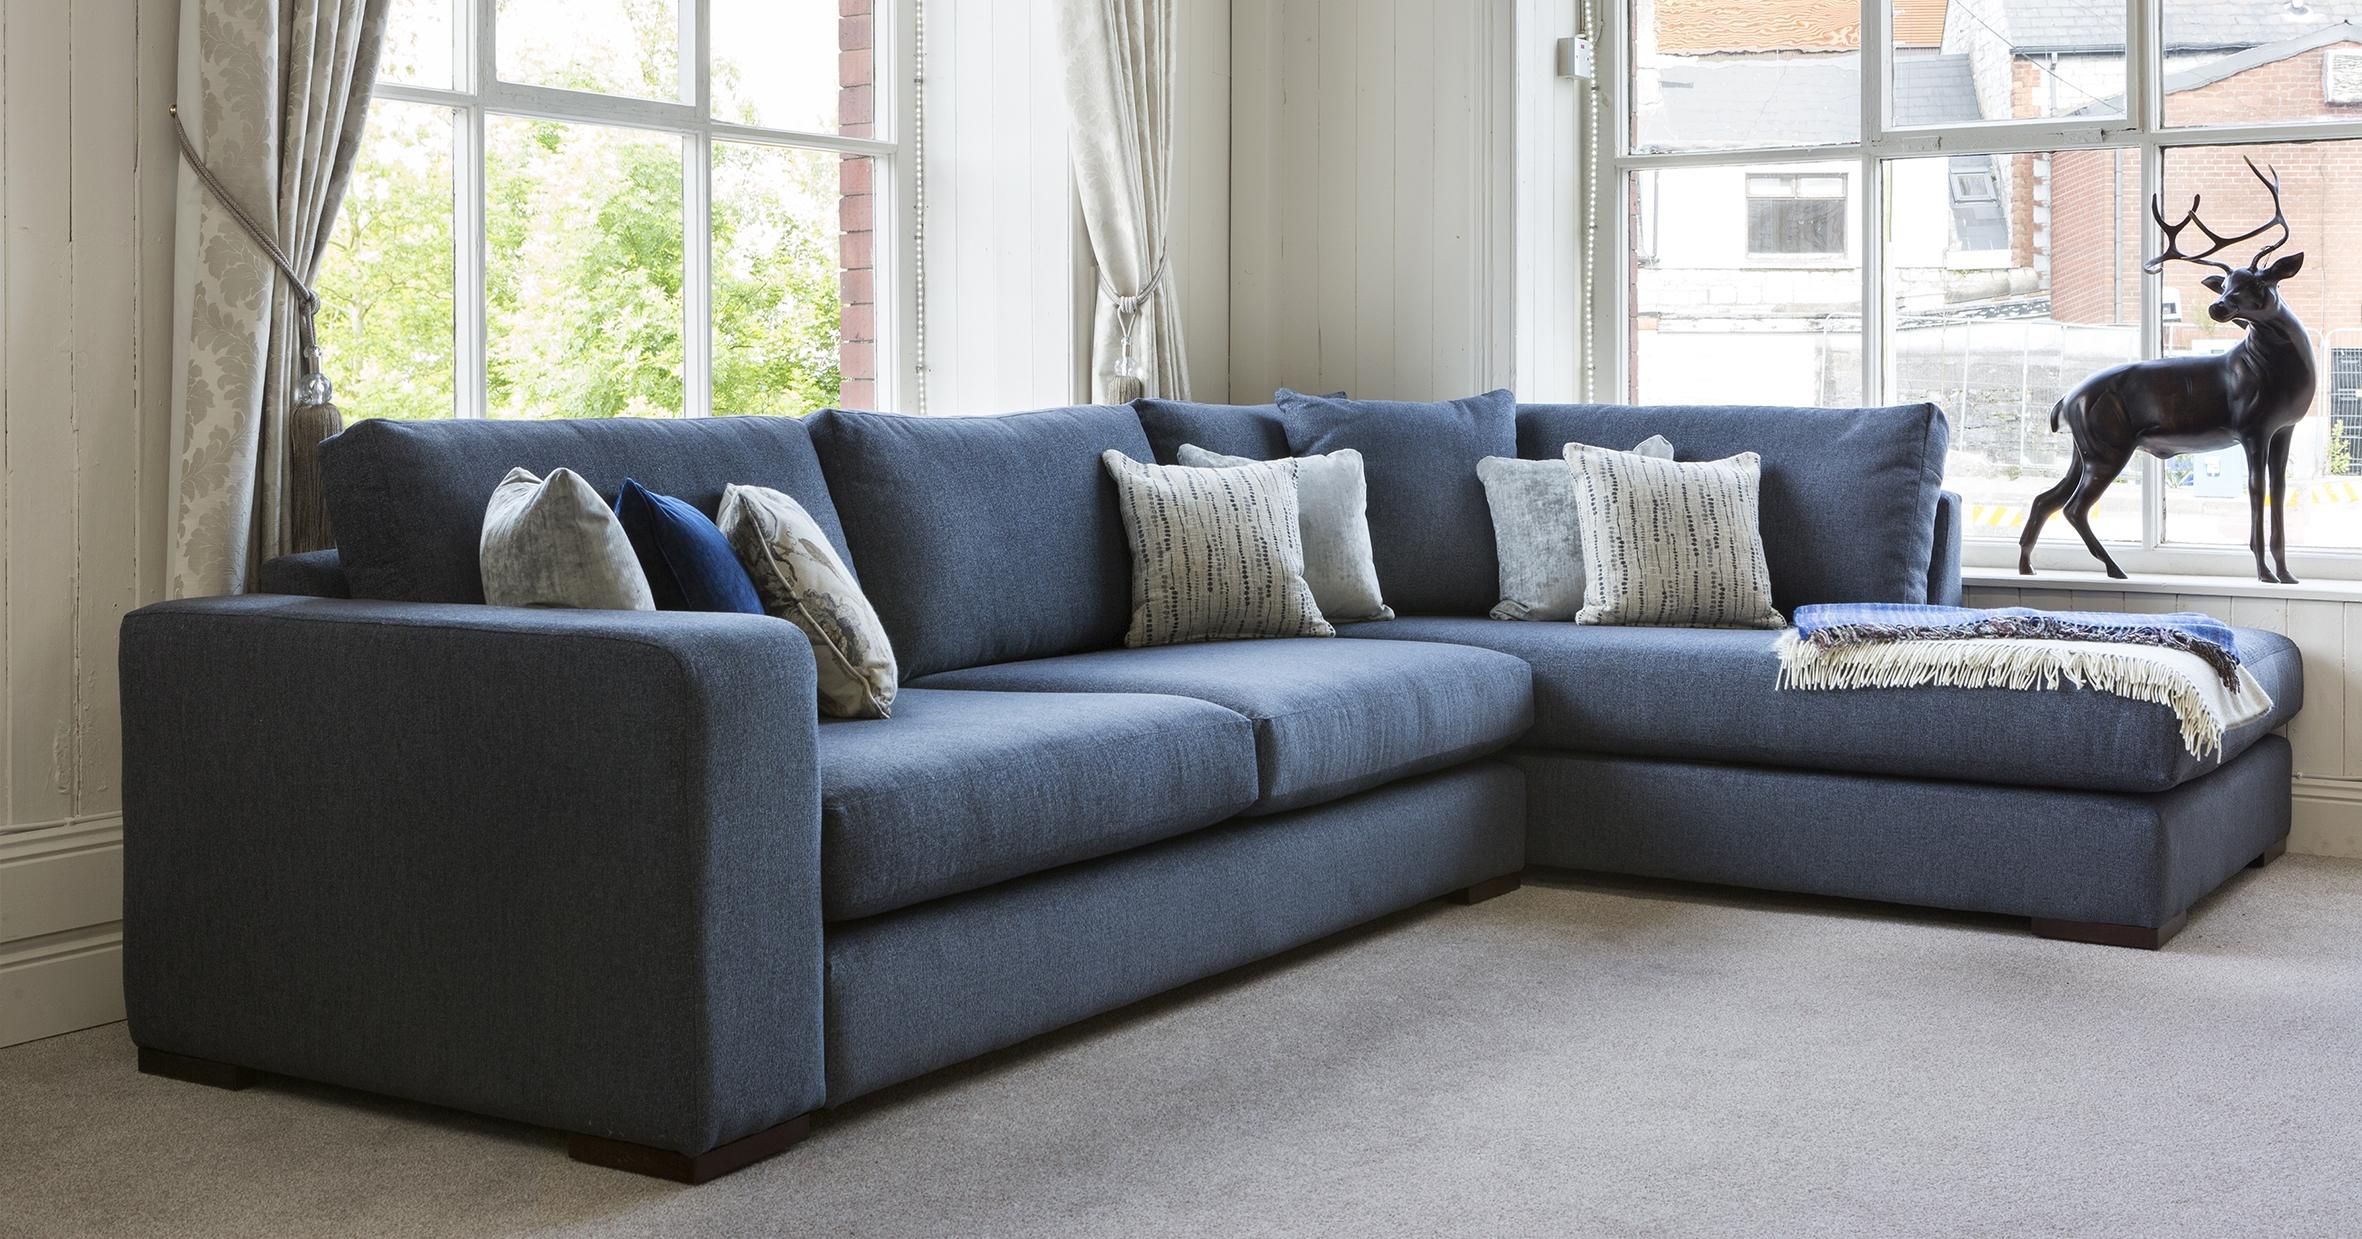 Sofas Center Kravet Furniture Sofas Chairssofas And Chairs Sets For Sofas And Chairs (View 9 of 15)